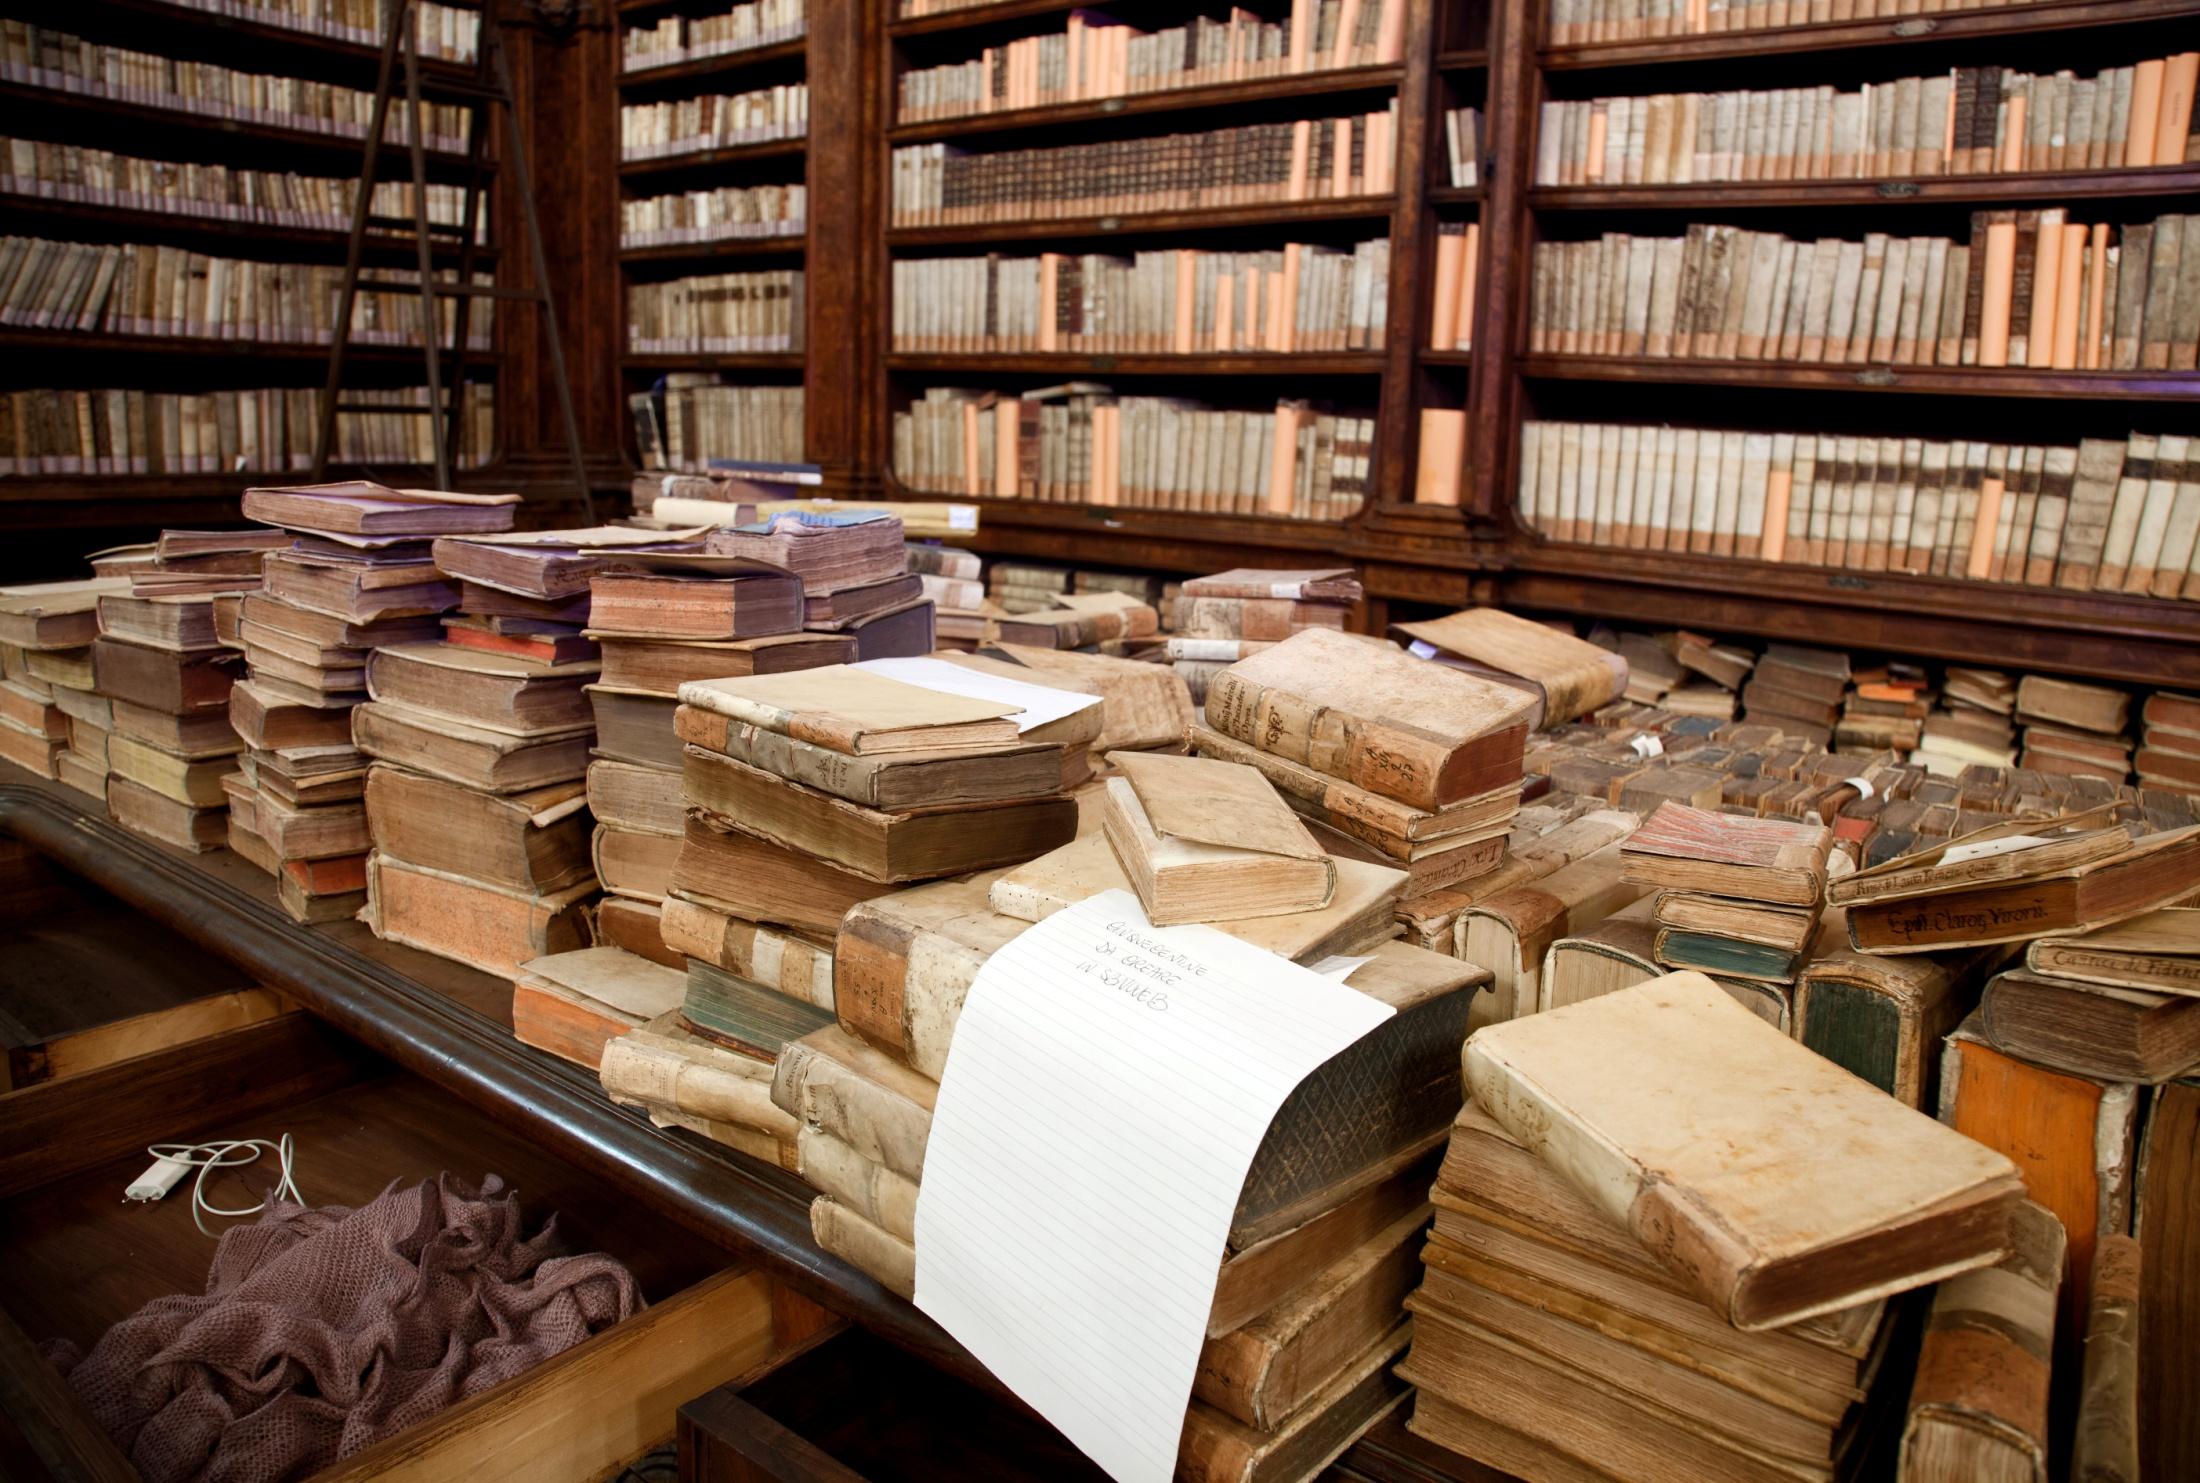 che cos'è la bibliologia, andrea de pasquale, carocci, bibliologia, università, recensioni, libro, storia del libro, stampa